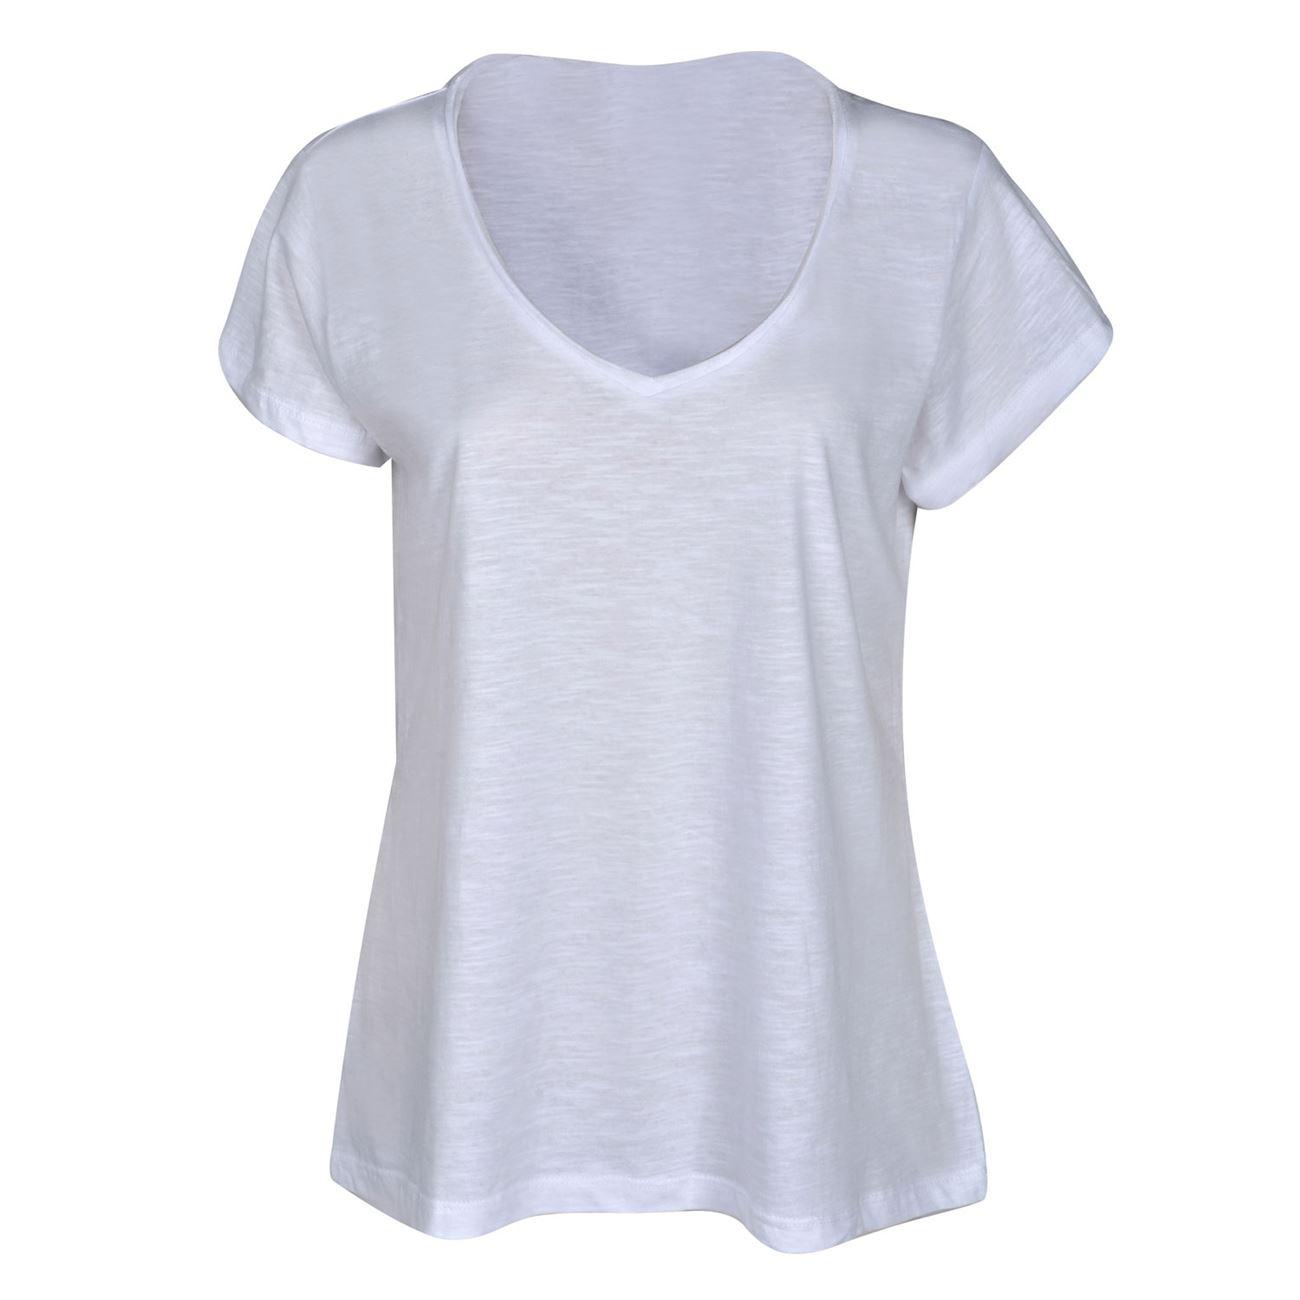 Μπλούζα Γυναικεία Κοντομάνικη Λευκή   Κοντομάνικες Basic  f2120bf3b7d